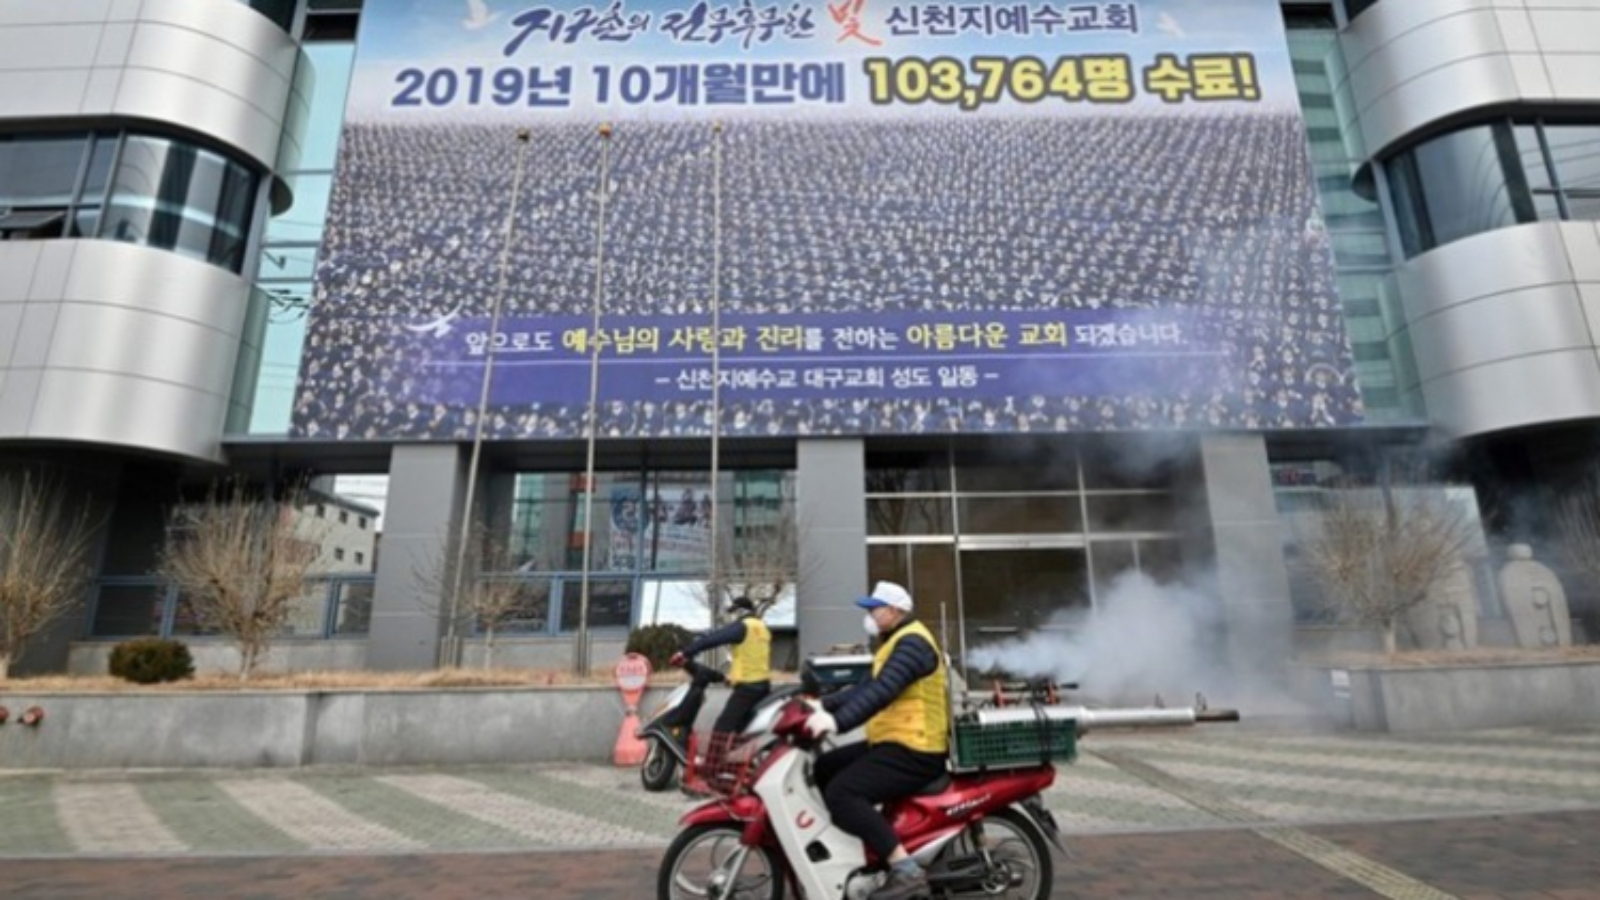 Hàn Quốc bắt giữ 3 thành viên chủ chốt của giáo phái Tân Thiên Địa